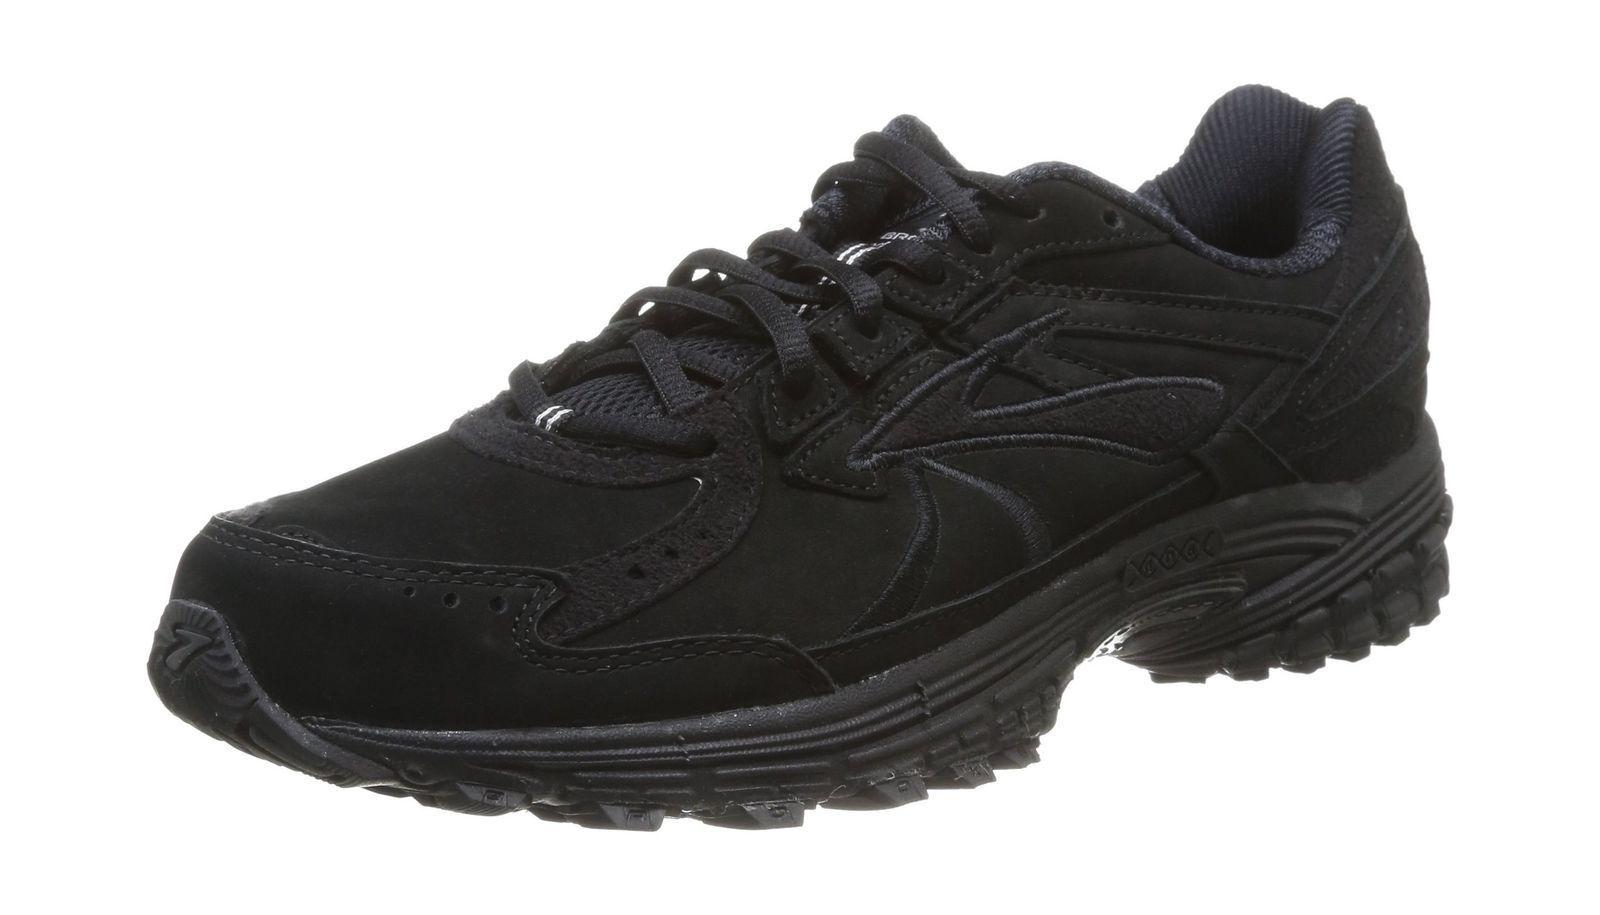 Brooks Adrenaline Walker 3  Uomo Leather Running Walking Shoes